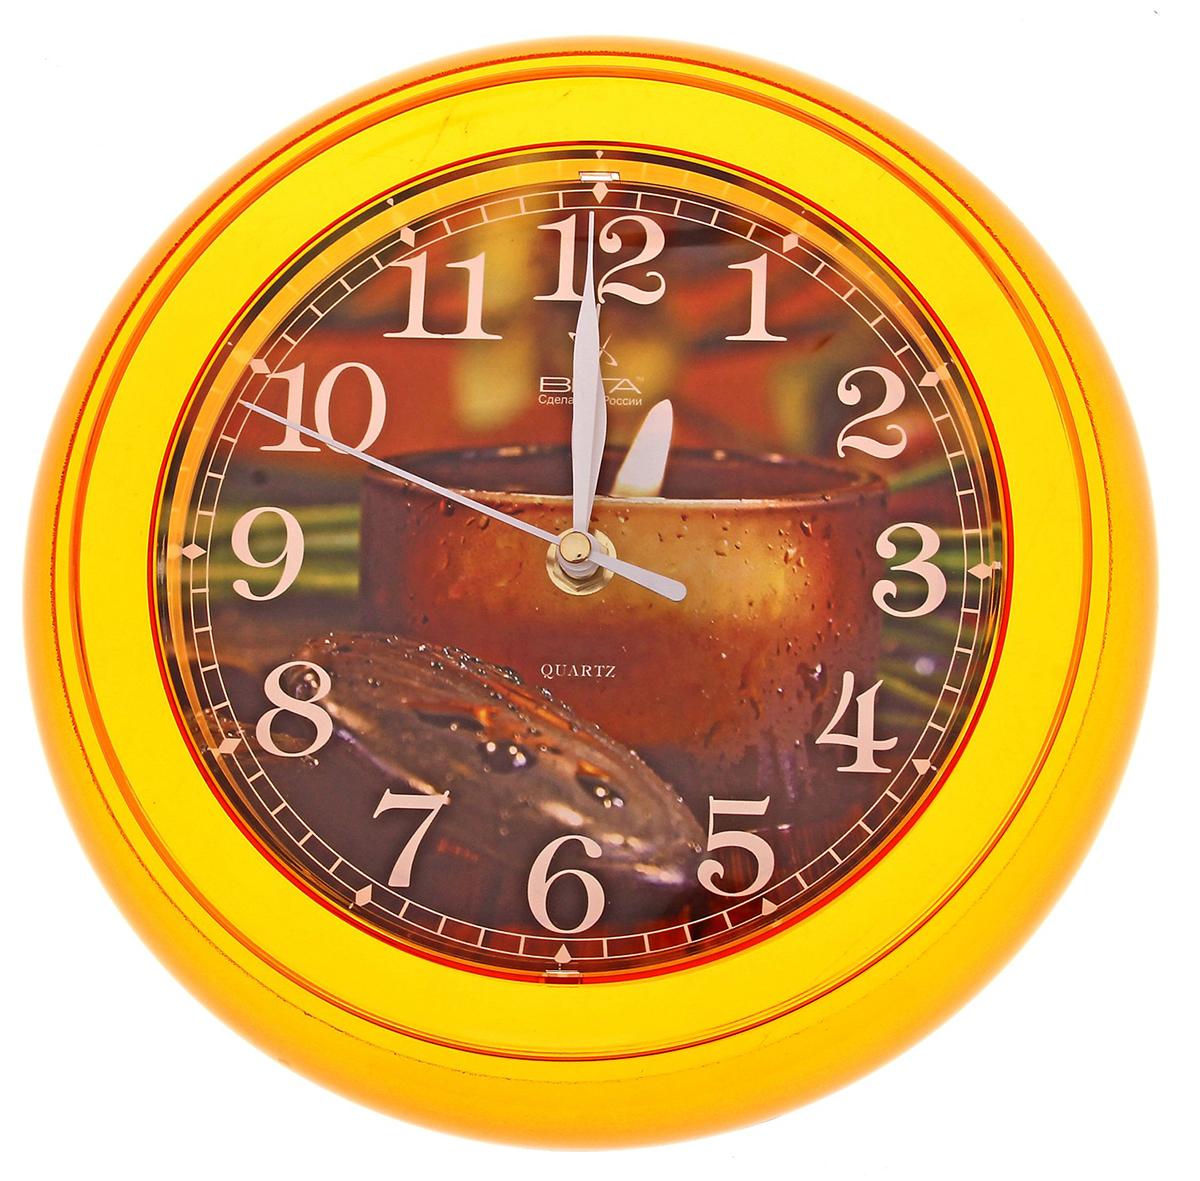 Часы настенные Вега Свеча796771Каждому хозяину периодически приходит мысль обновить свою квартиру, сделать ремонт, перестановку или кардинально поменять внешний вид каждой комнаты. Часы настенные круглые Свеча, оранжевые — привлекательная деталь, которая поможет воплотить вашу интерьерную идею, создать неповторимую атмосферу в вашем доме. Окружите себя приятными мелочами, пусть они радуют глаз и дарят гармонию. Часы настенные круглые Свеча, оранжевые — сувенир в полном смысле этого слова. И главная его задача — хранить воспоминание о месте, где вы побывали, или о том человеке, который подарил данный предмет. Преподнесите эту вещь своему другу, и она станет достойным украшением его дома.Часы настенные круглые Свеча, оранжевые 796771